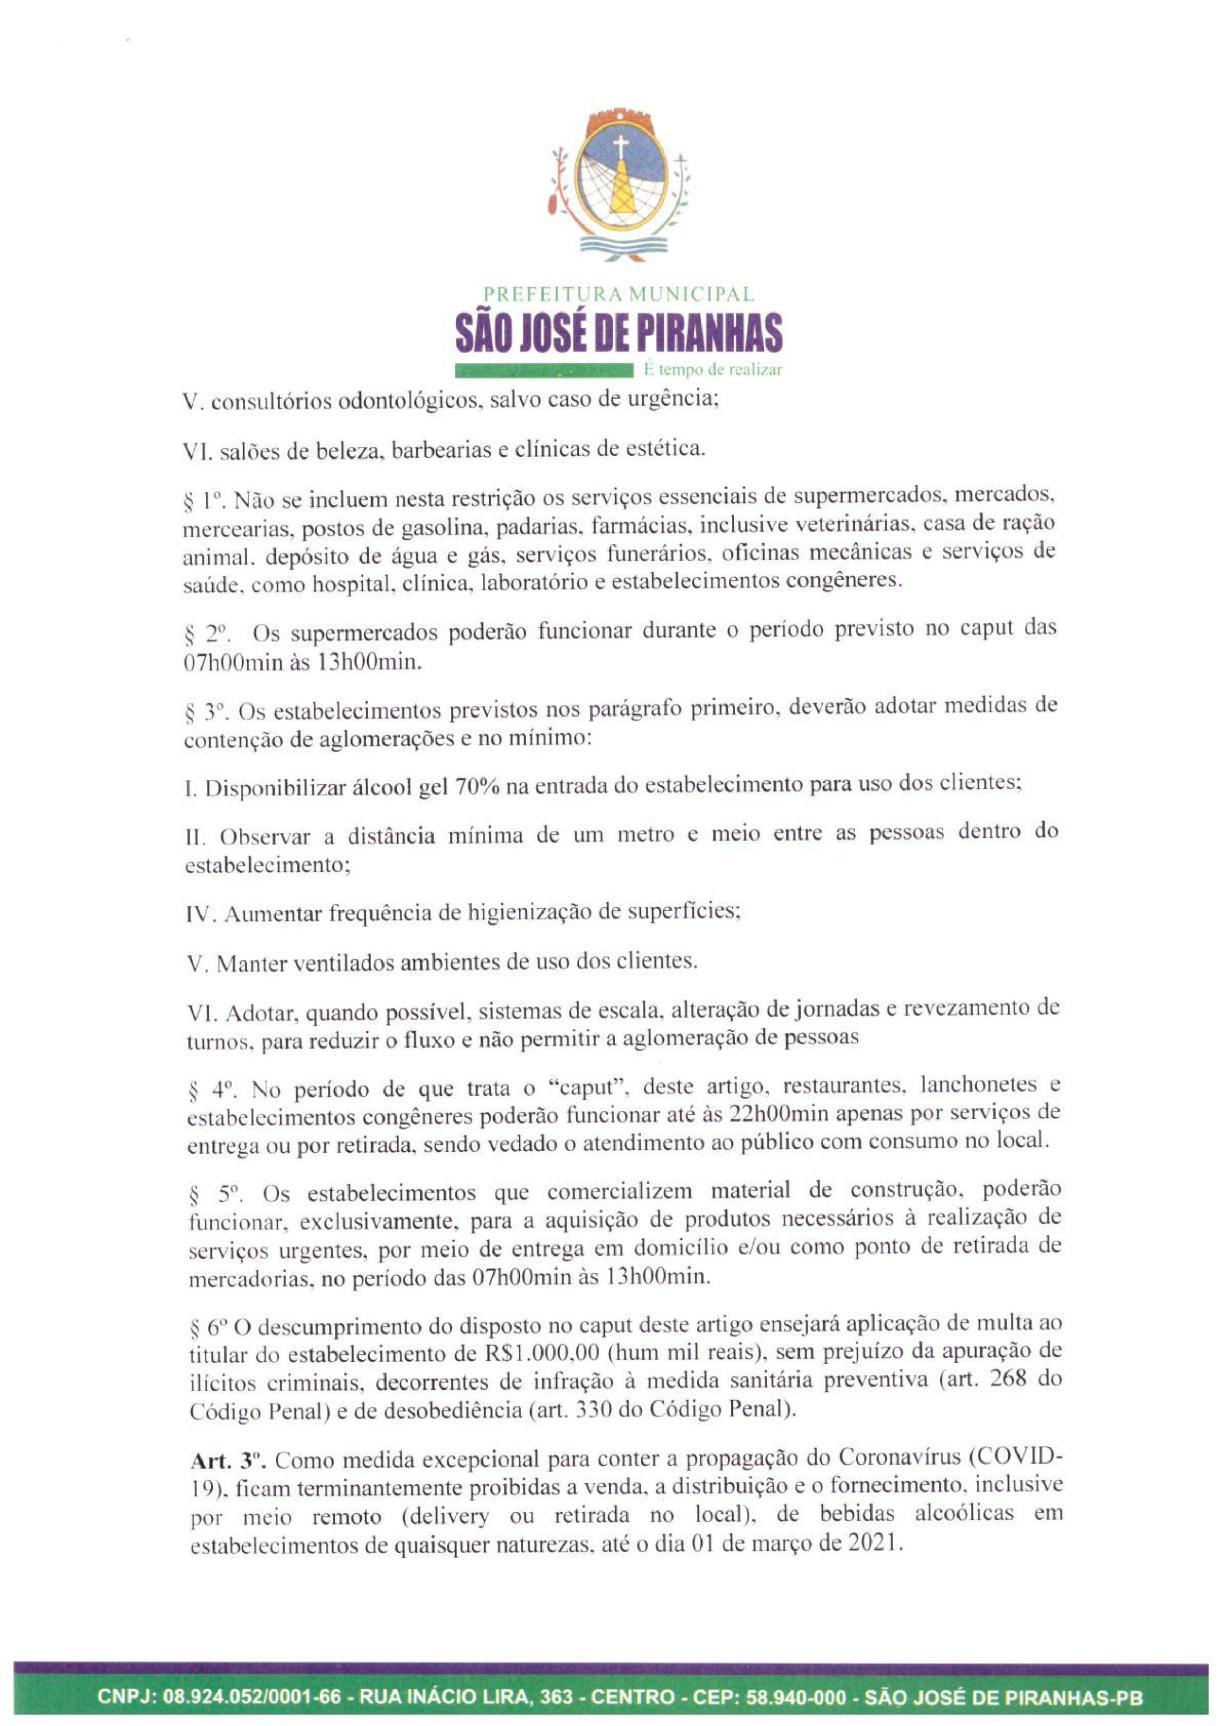 0002 Prefeito de São José de Piranhas fecha atividades não essenciais e proíbe venda de bebidas alcoólicas na cidade